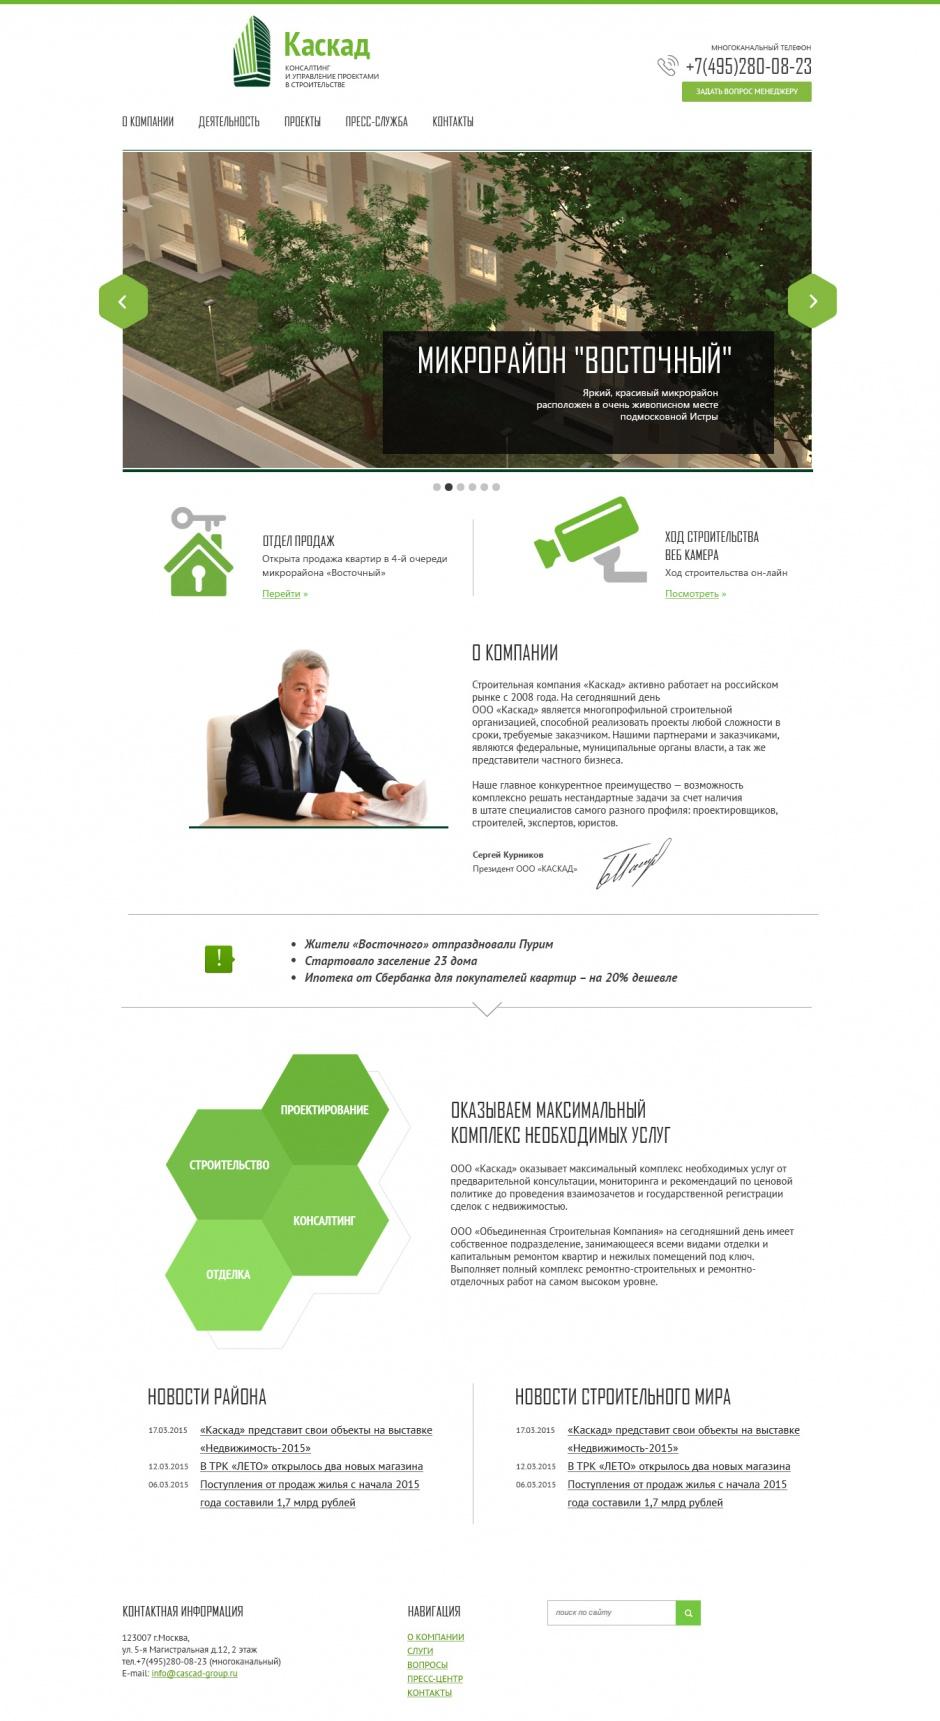 дизайн сайта строительной компании «Каскад» - главная страница